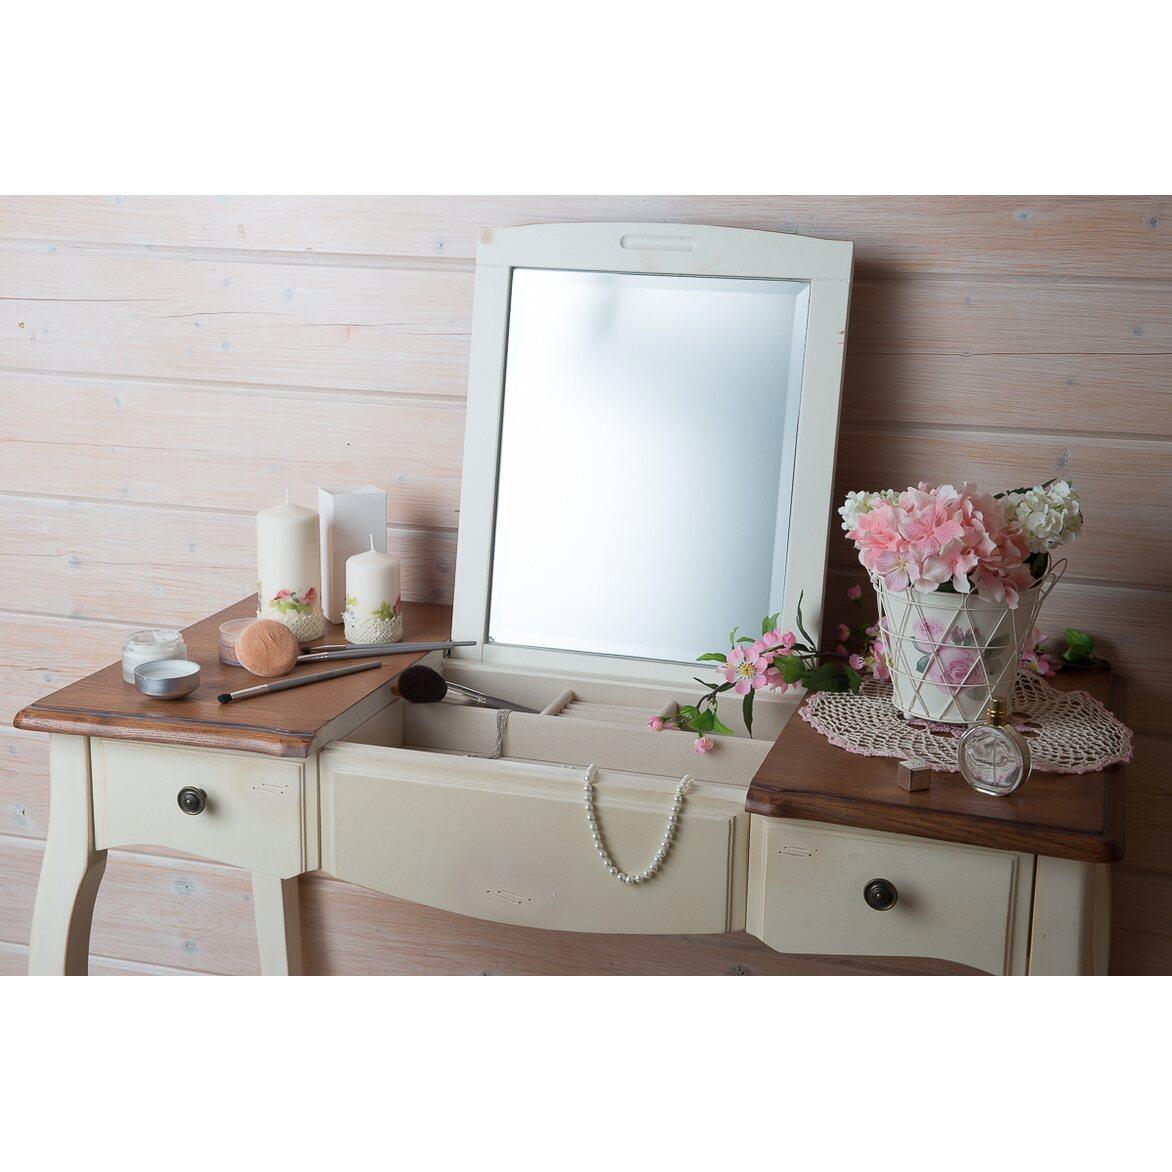 Туалетный столик с зеркалом Leontina, бежевого цвета 4   Туалетные столики Kingsby